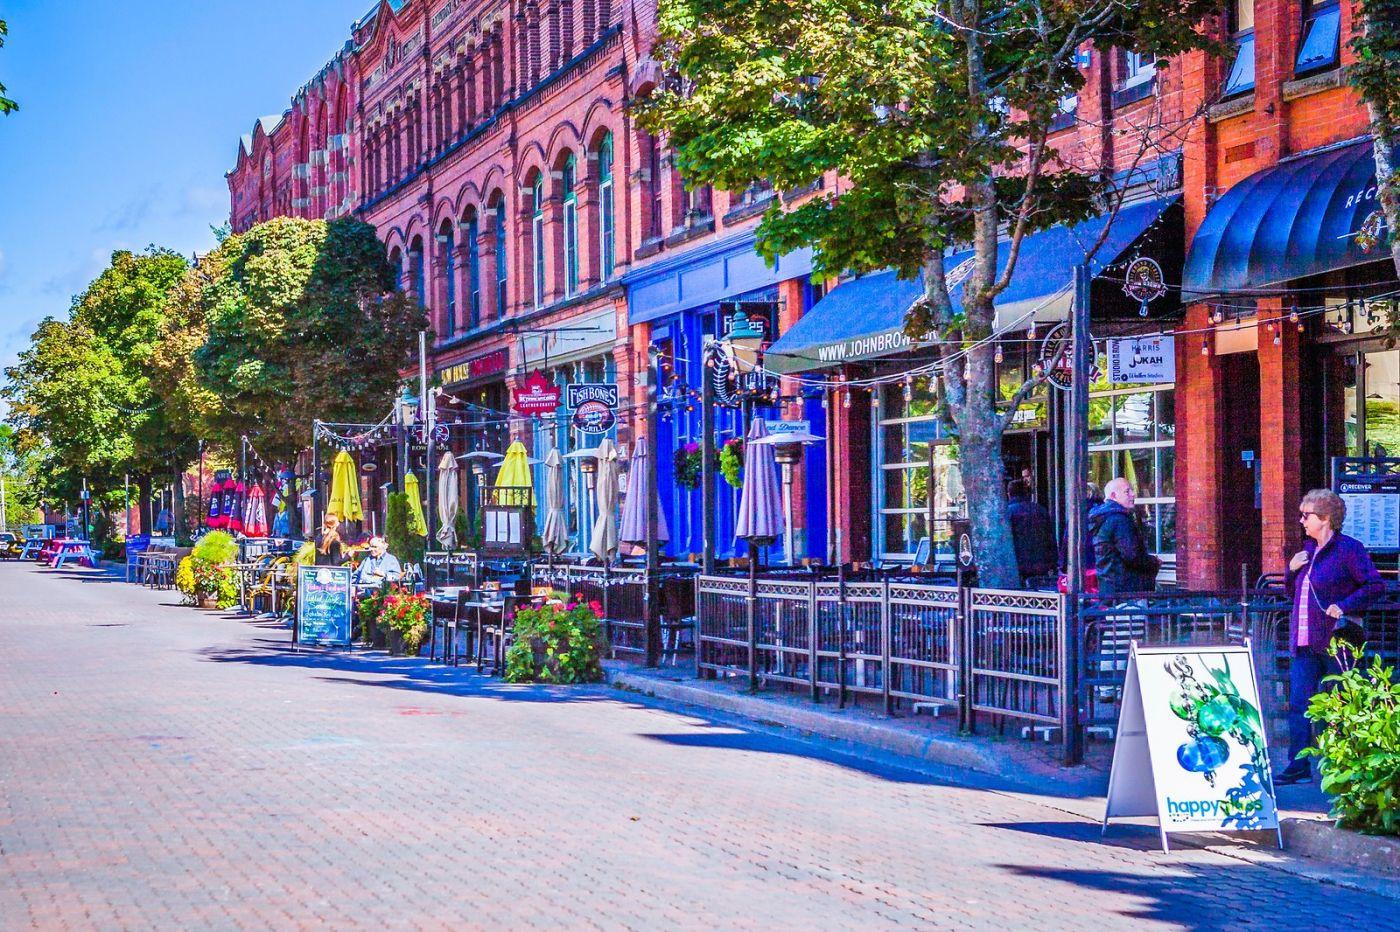 加拿大夏洛特镇(Charlottetown),城市游记_图1-17